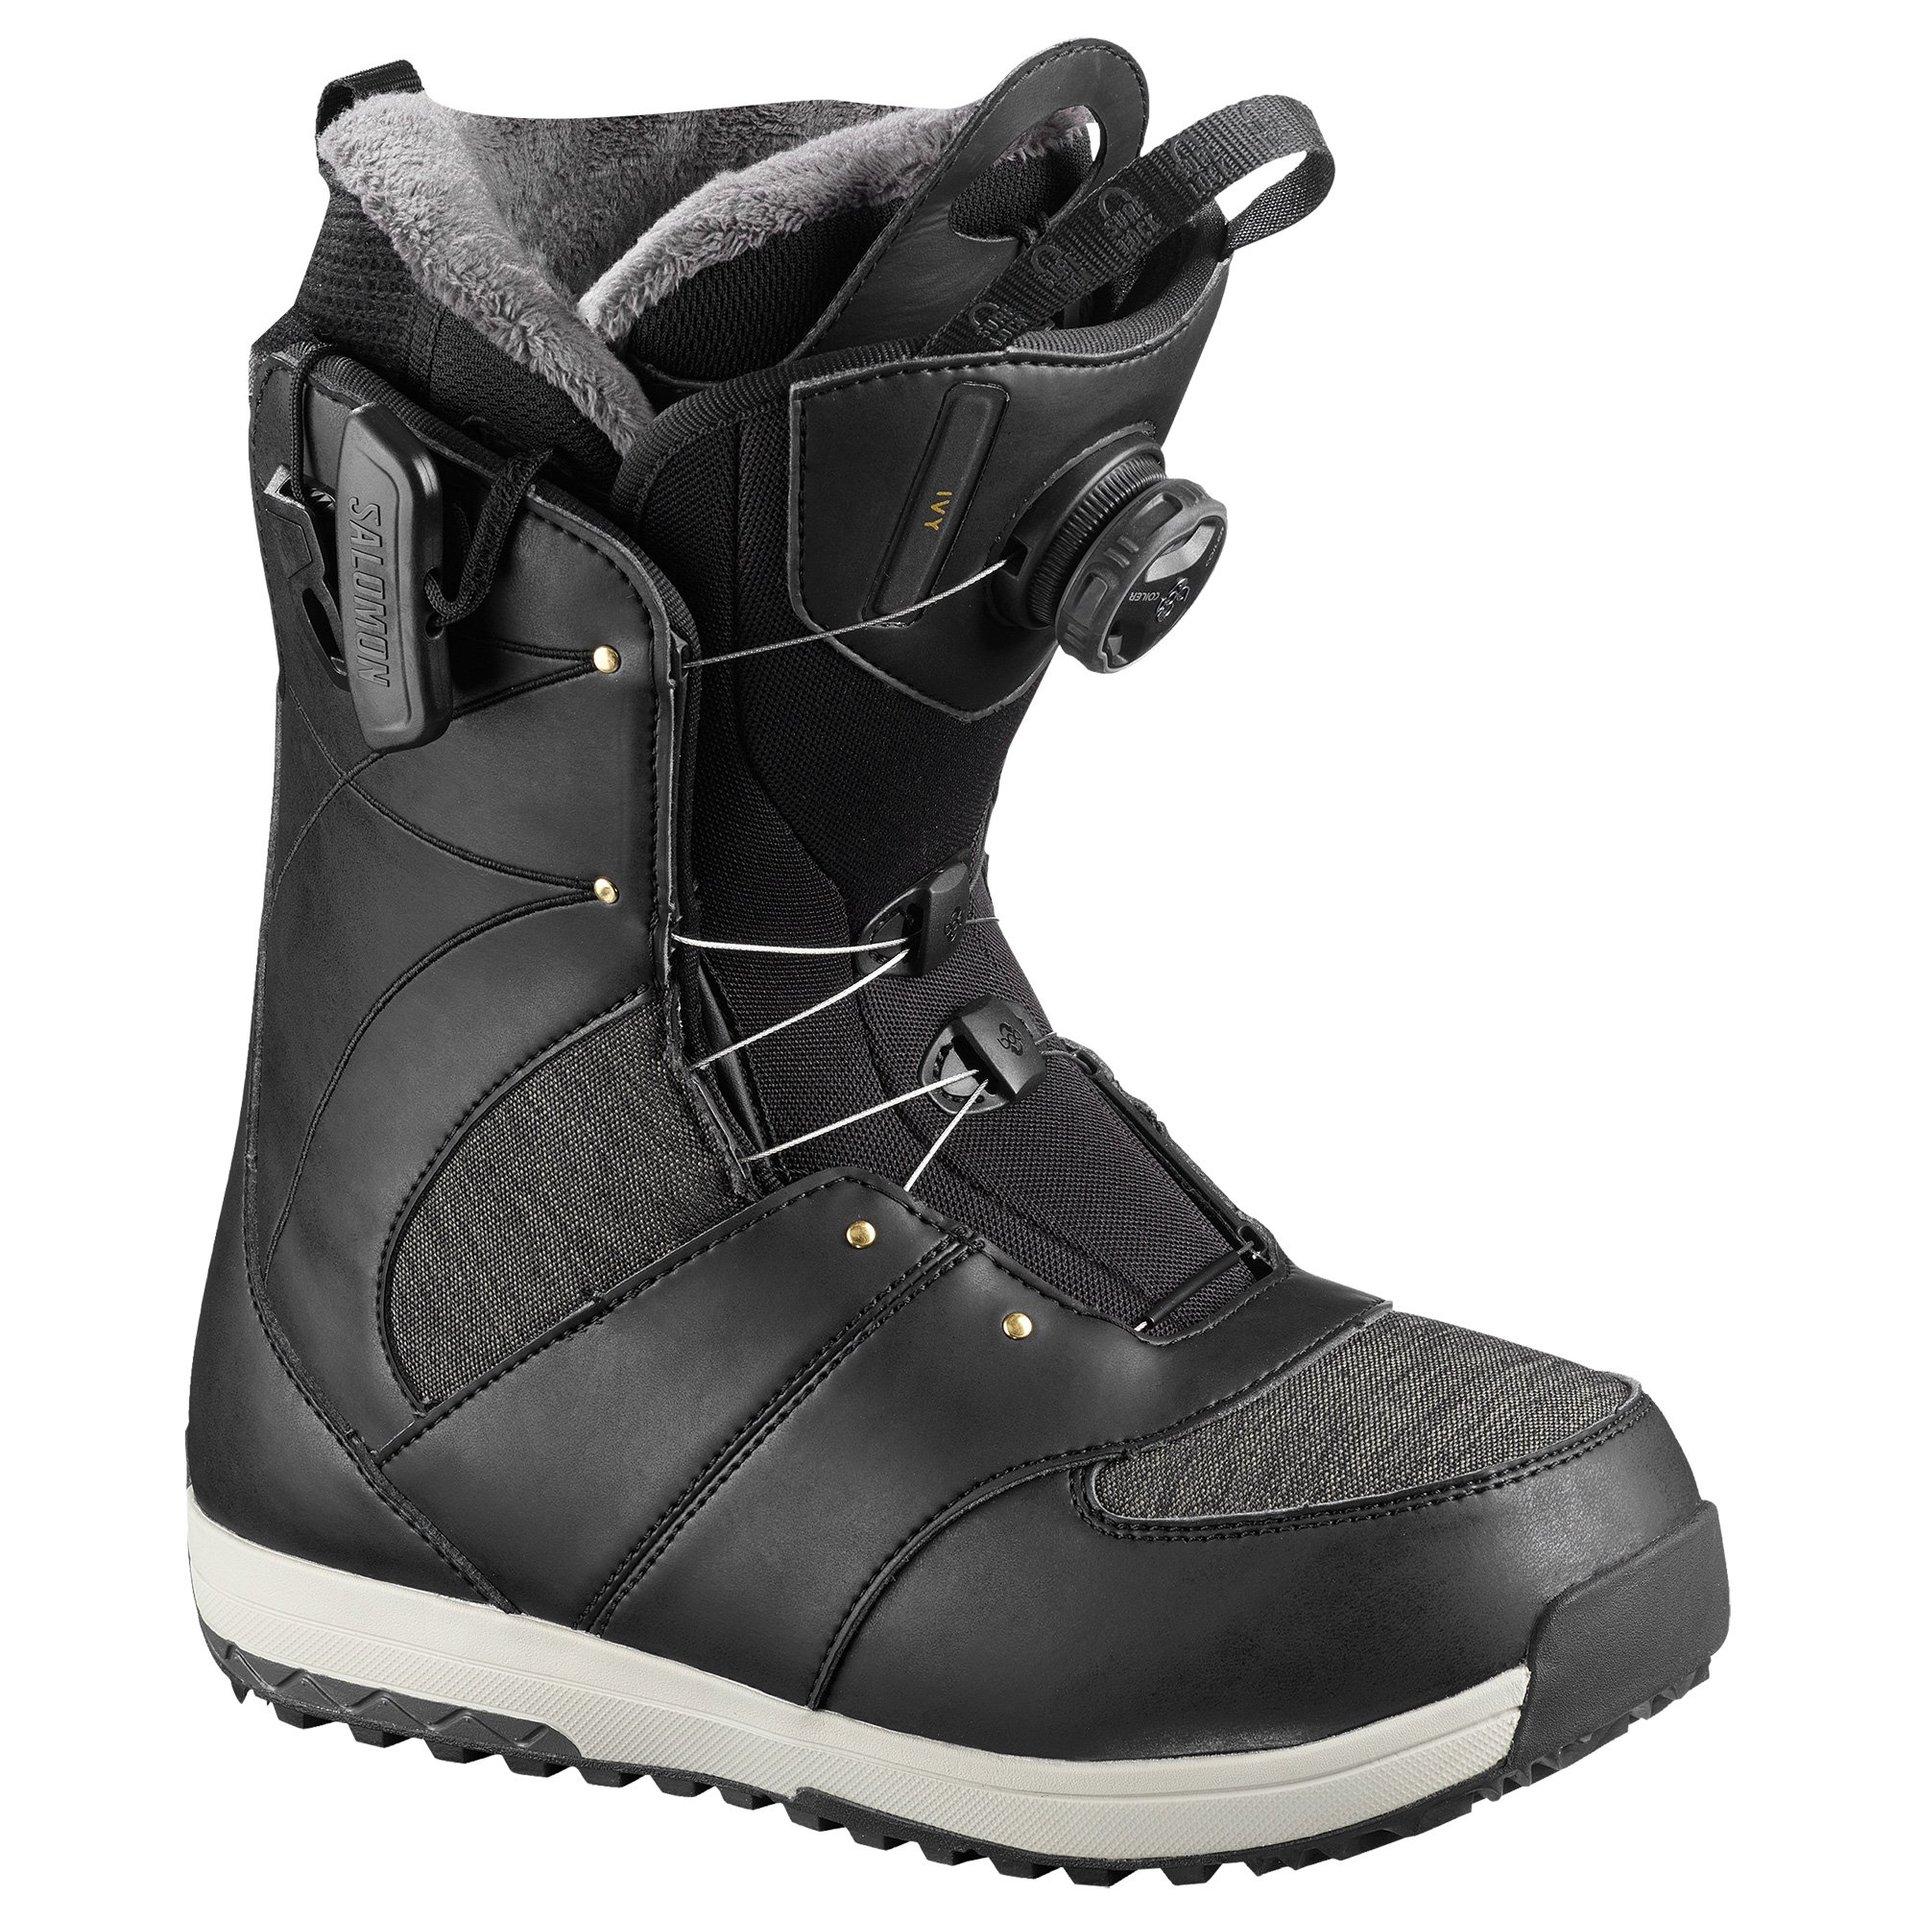 BUTY SNOWBOARDOWE SALOMON IVY BOA SJ BLACK 1